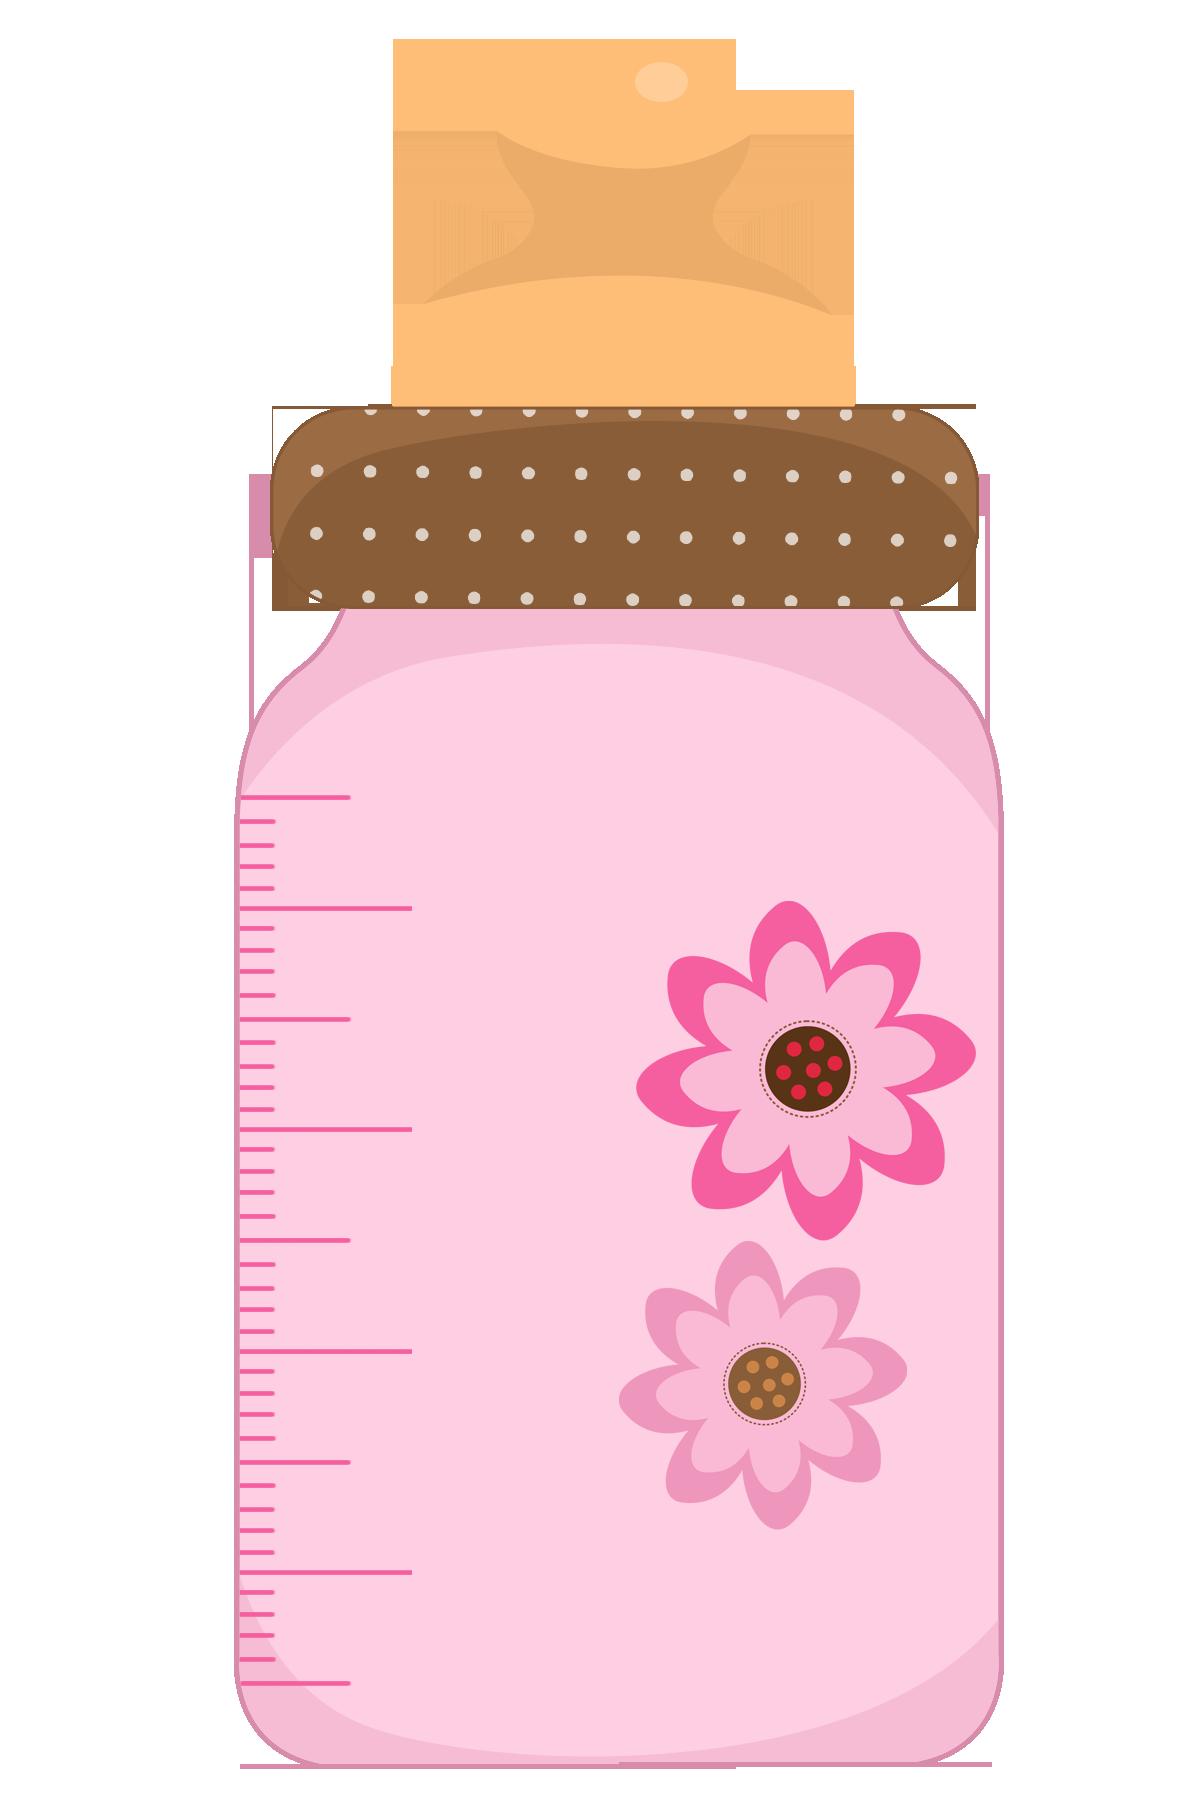 10 Minus Baby Shower Clipart Recuerdos Baby Shower Baby Bottles